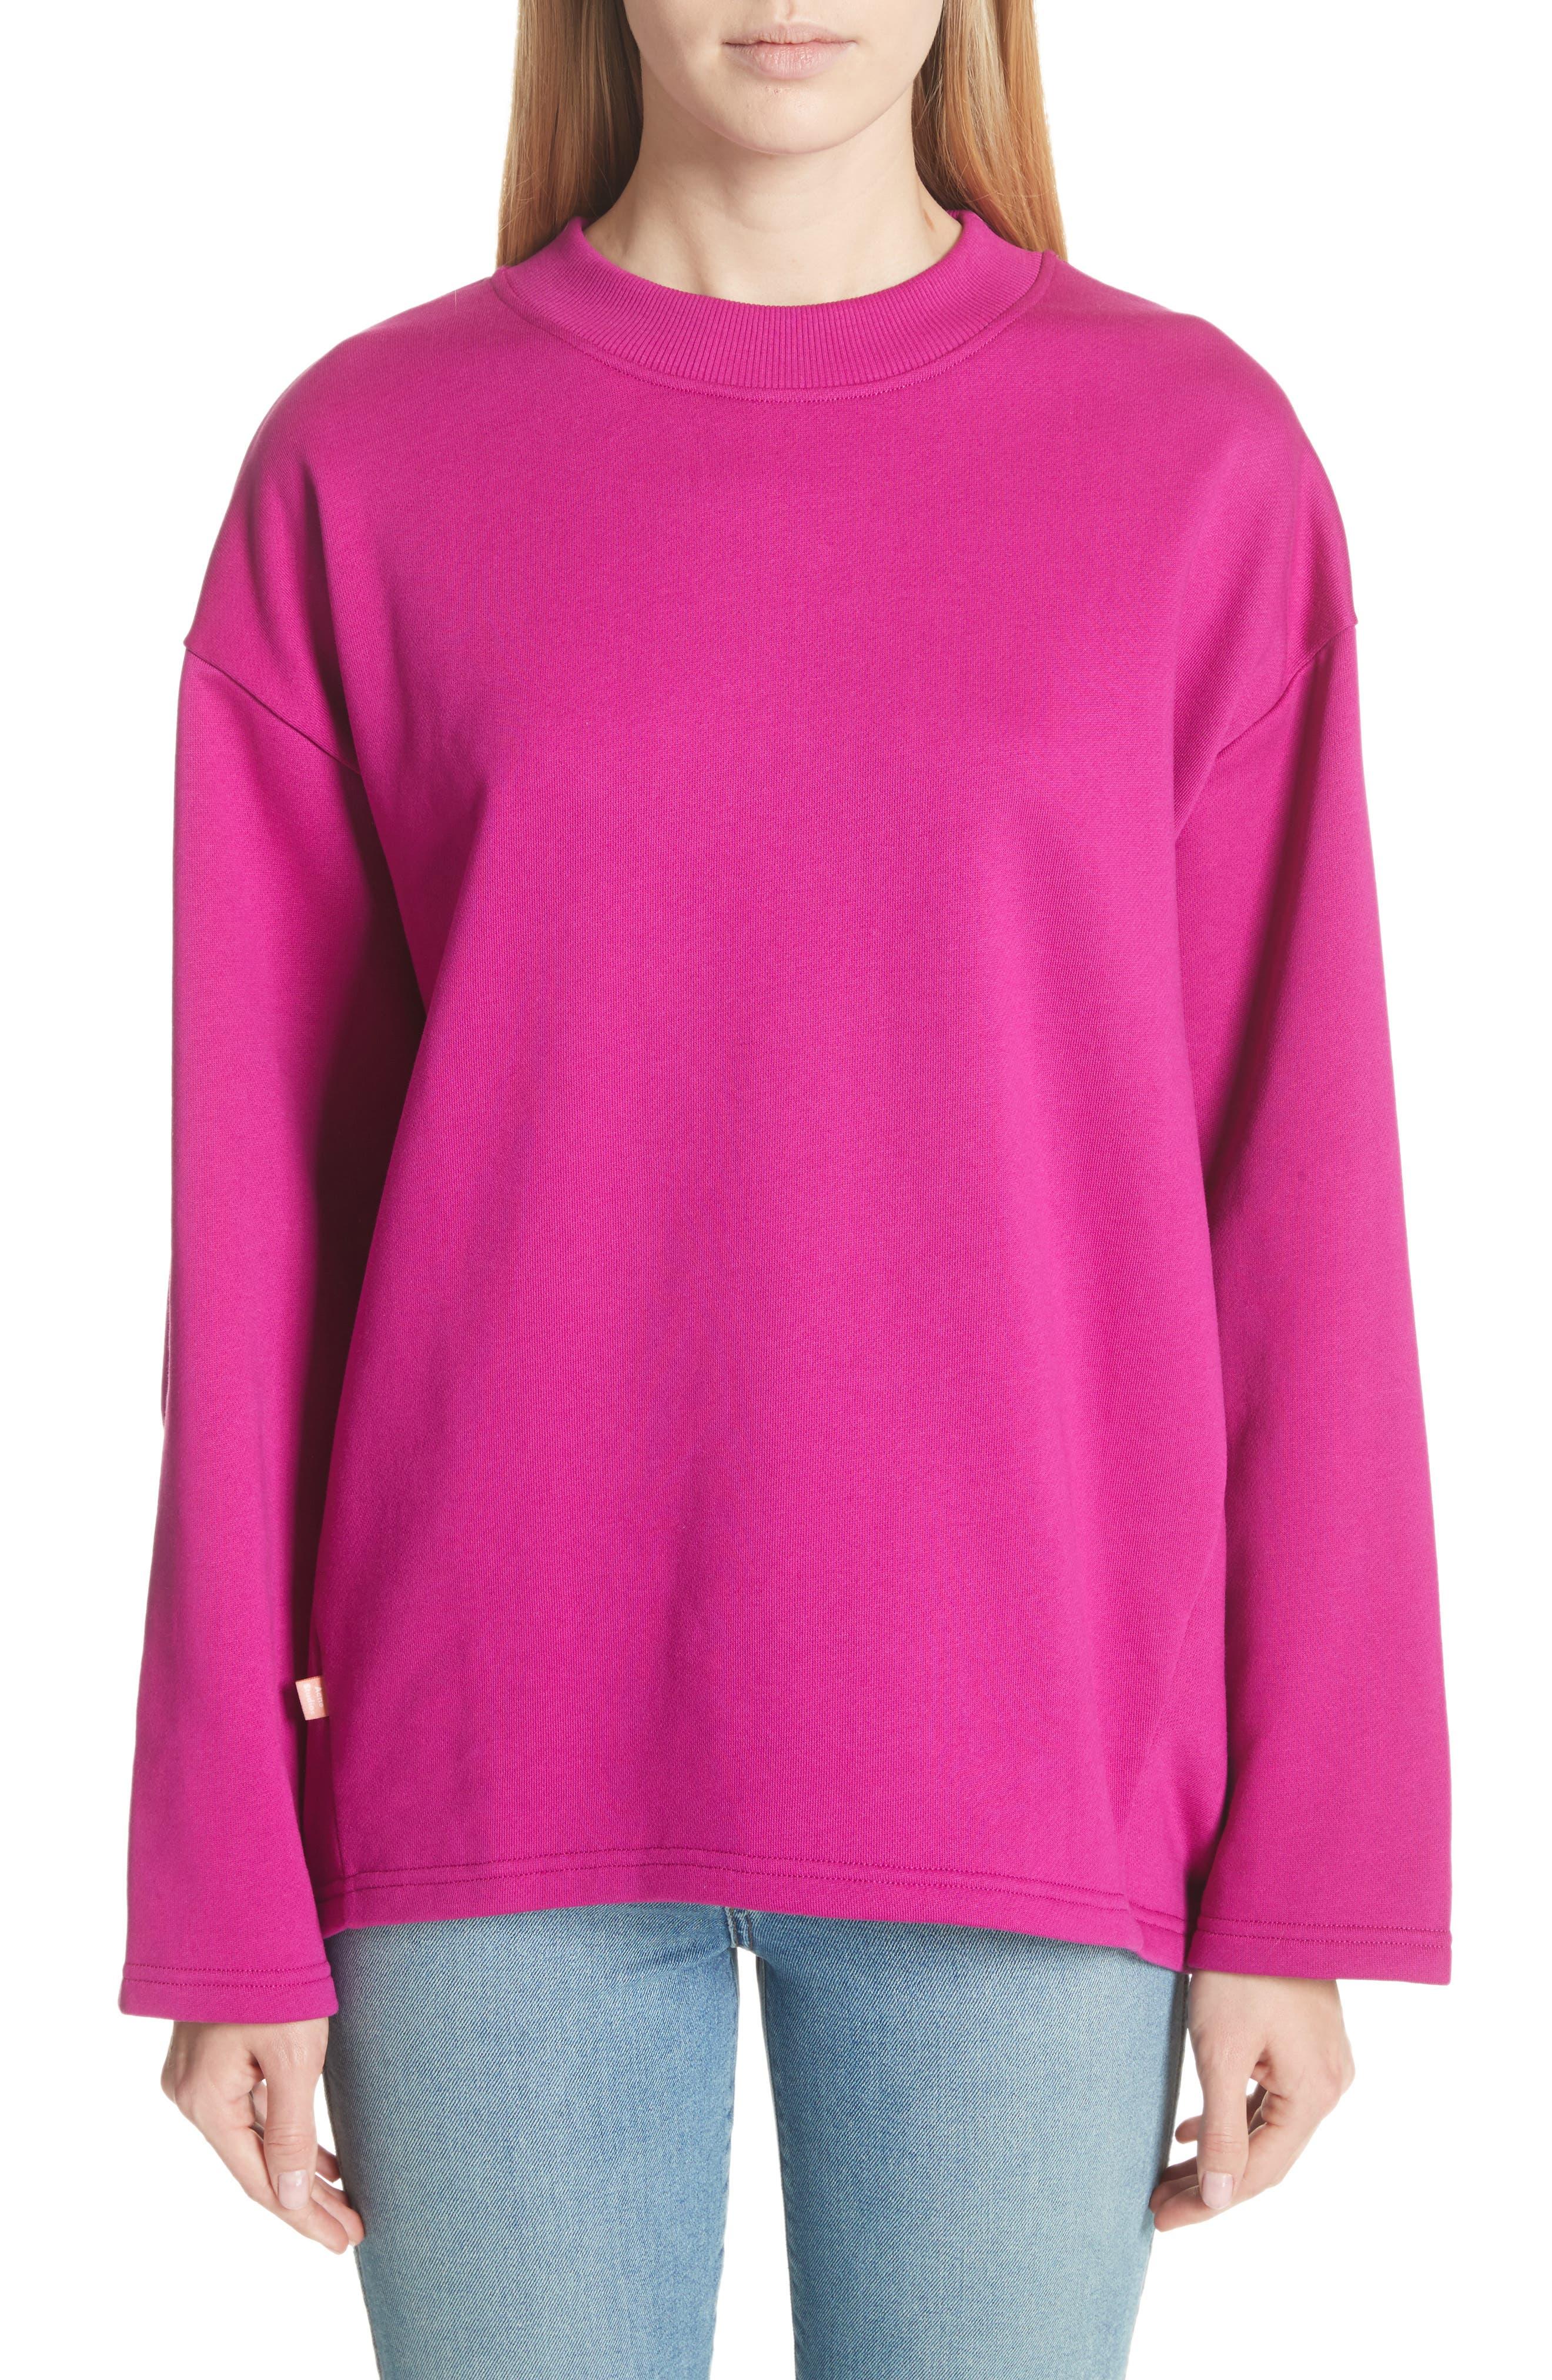 Karvell Sweatshirt,                             Main thumbnail 1, color,                             Acid Purple